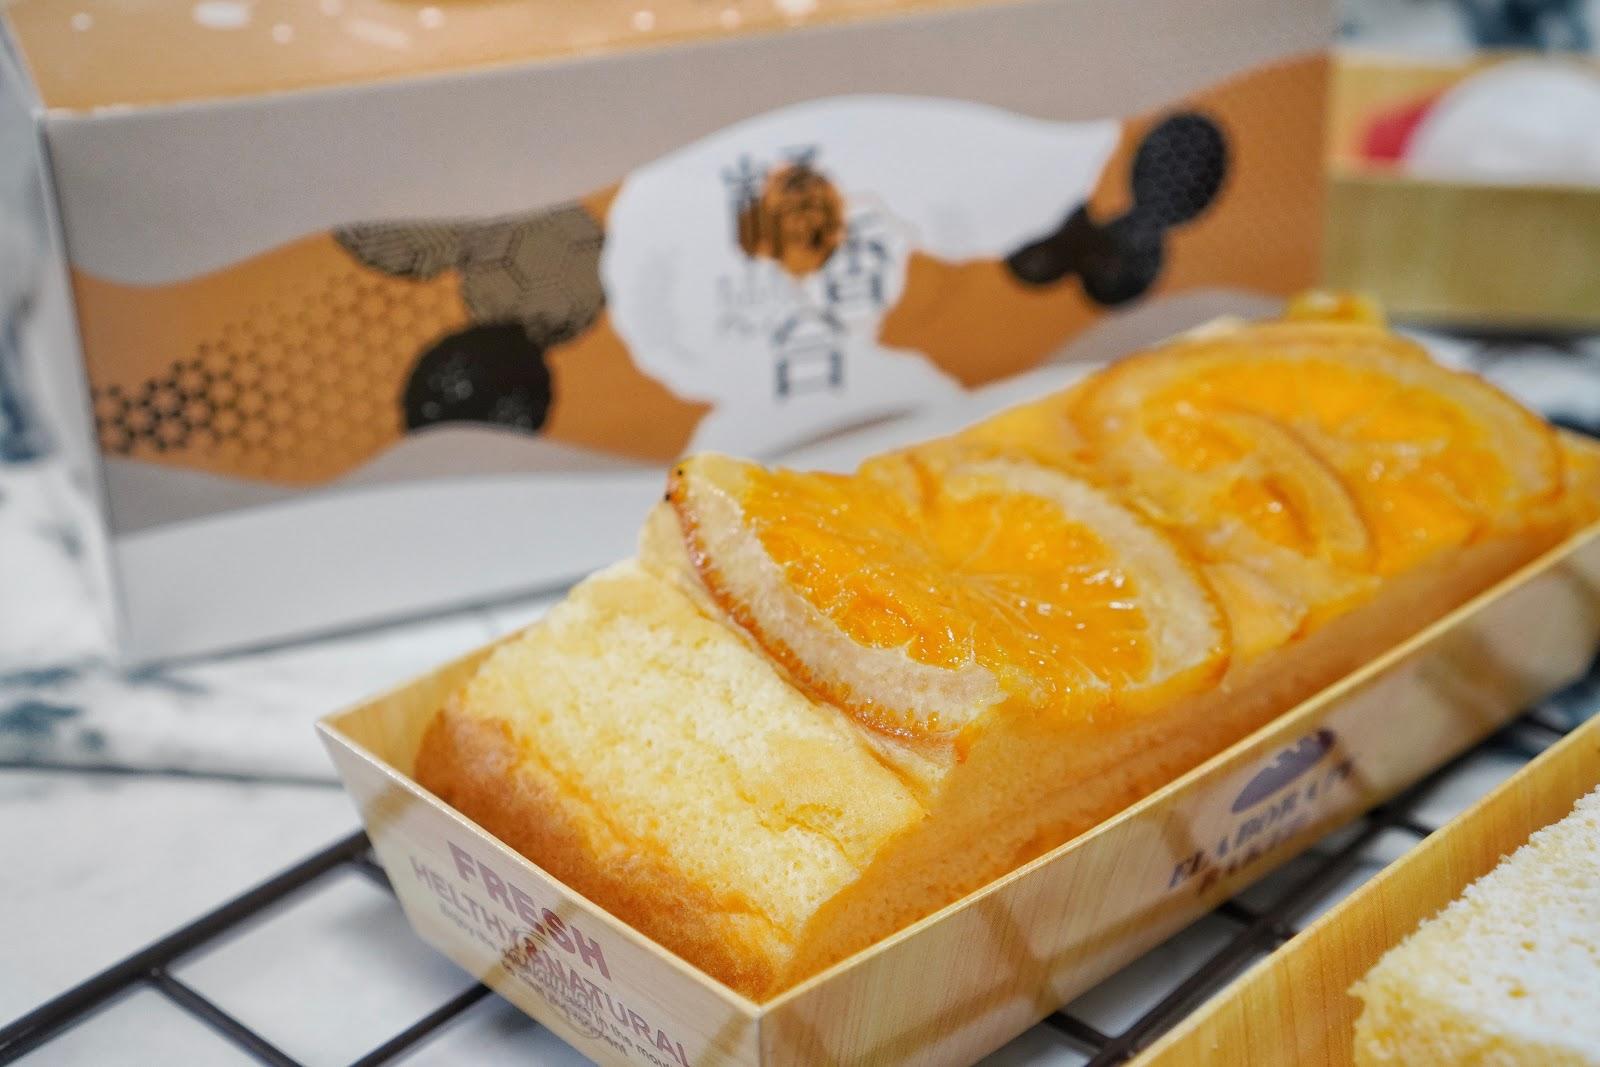 台南中西區美食【橘香合-蛋糕職人】古早味蛋糕秋夜香橙